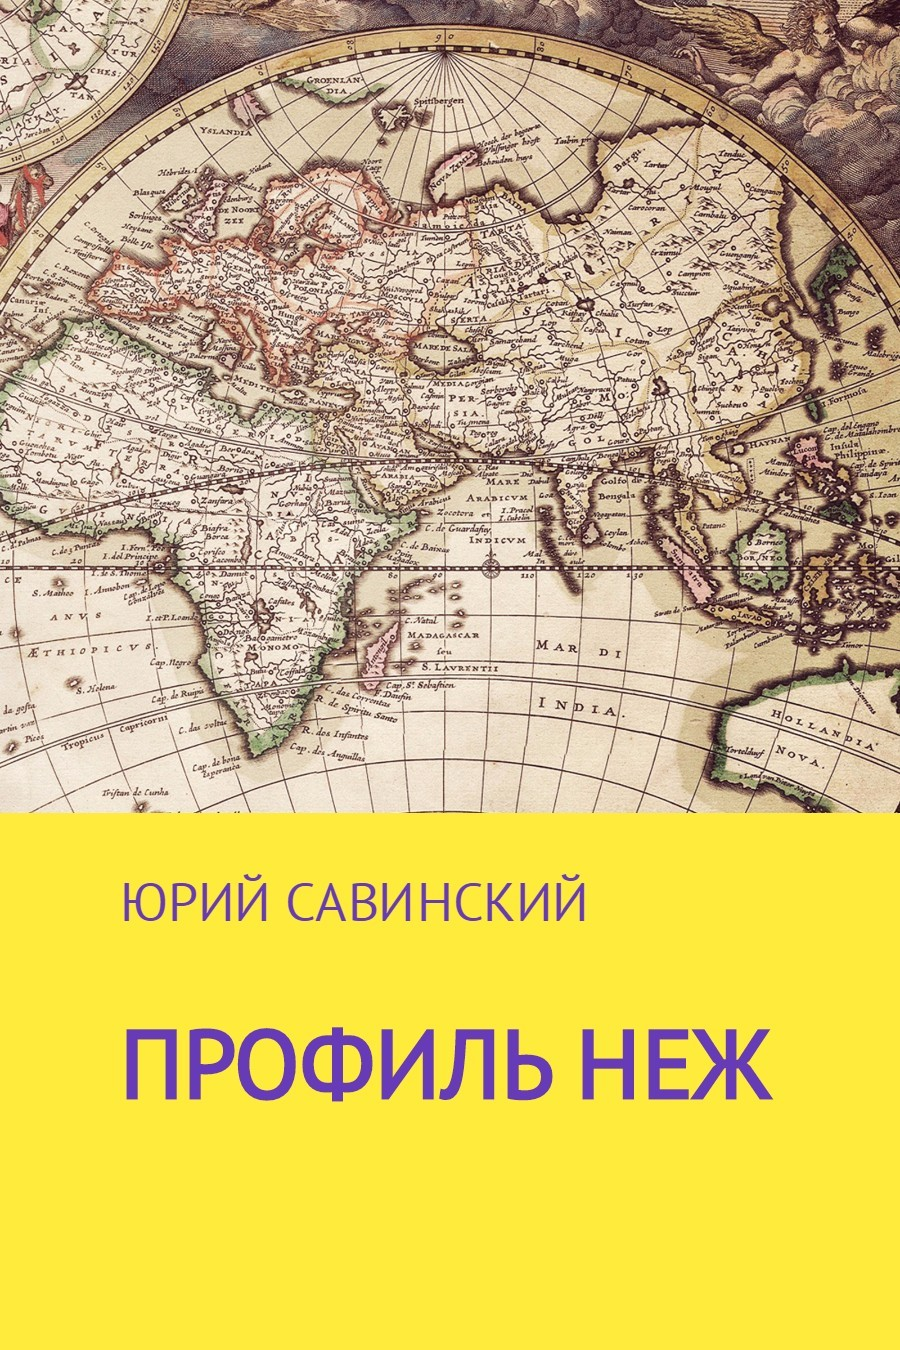 Юрий Эзекейлеви Савинский Профиль НЕЖ истый москвитянин в а жуковский в москве и подмосковье